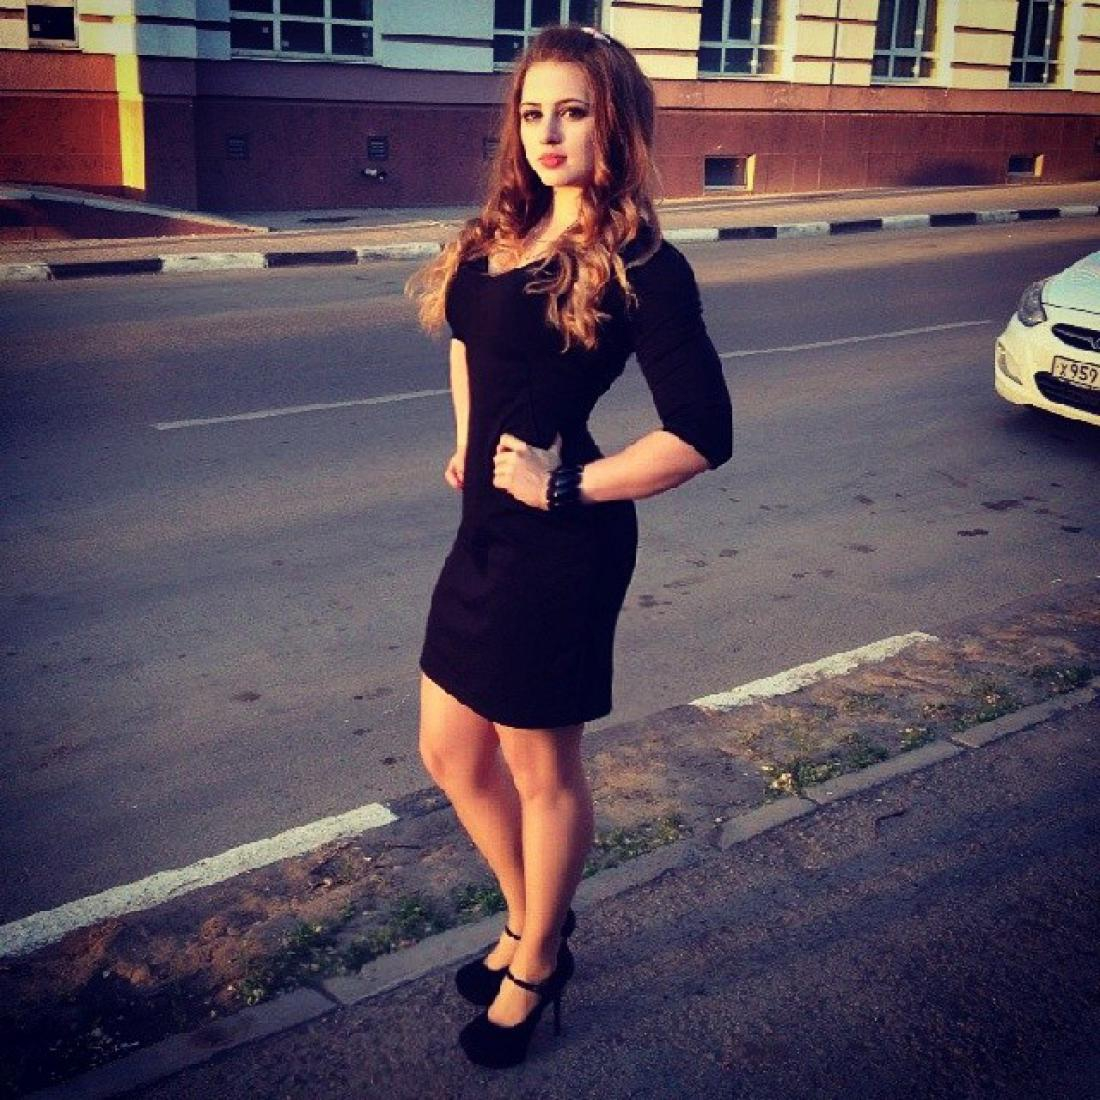 Юлия молодая без ливчик занимается сексом парнем